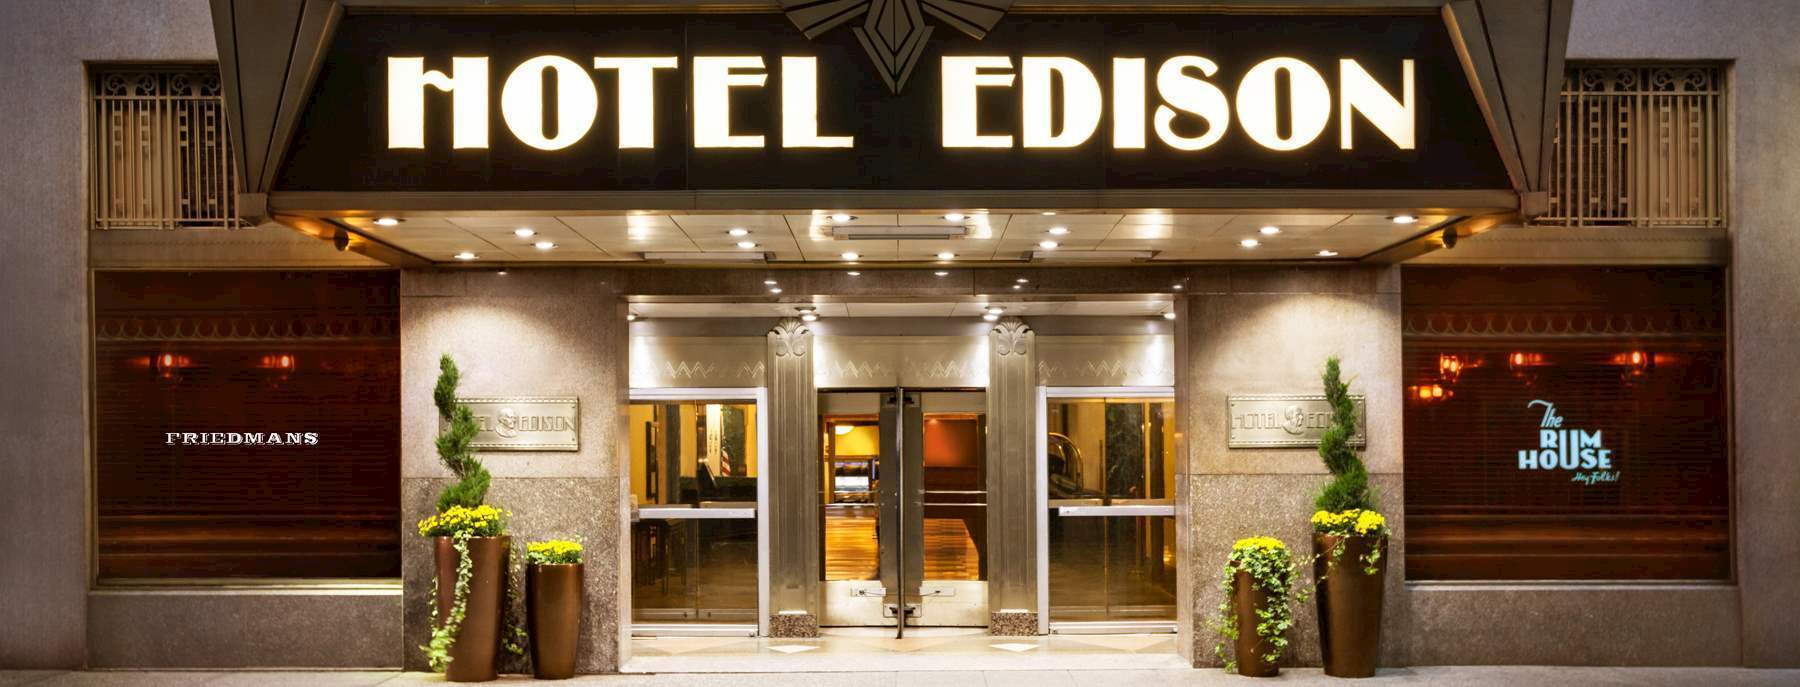 Hotel Edison Newyork